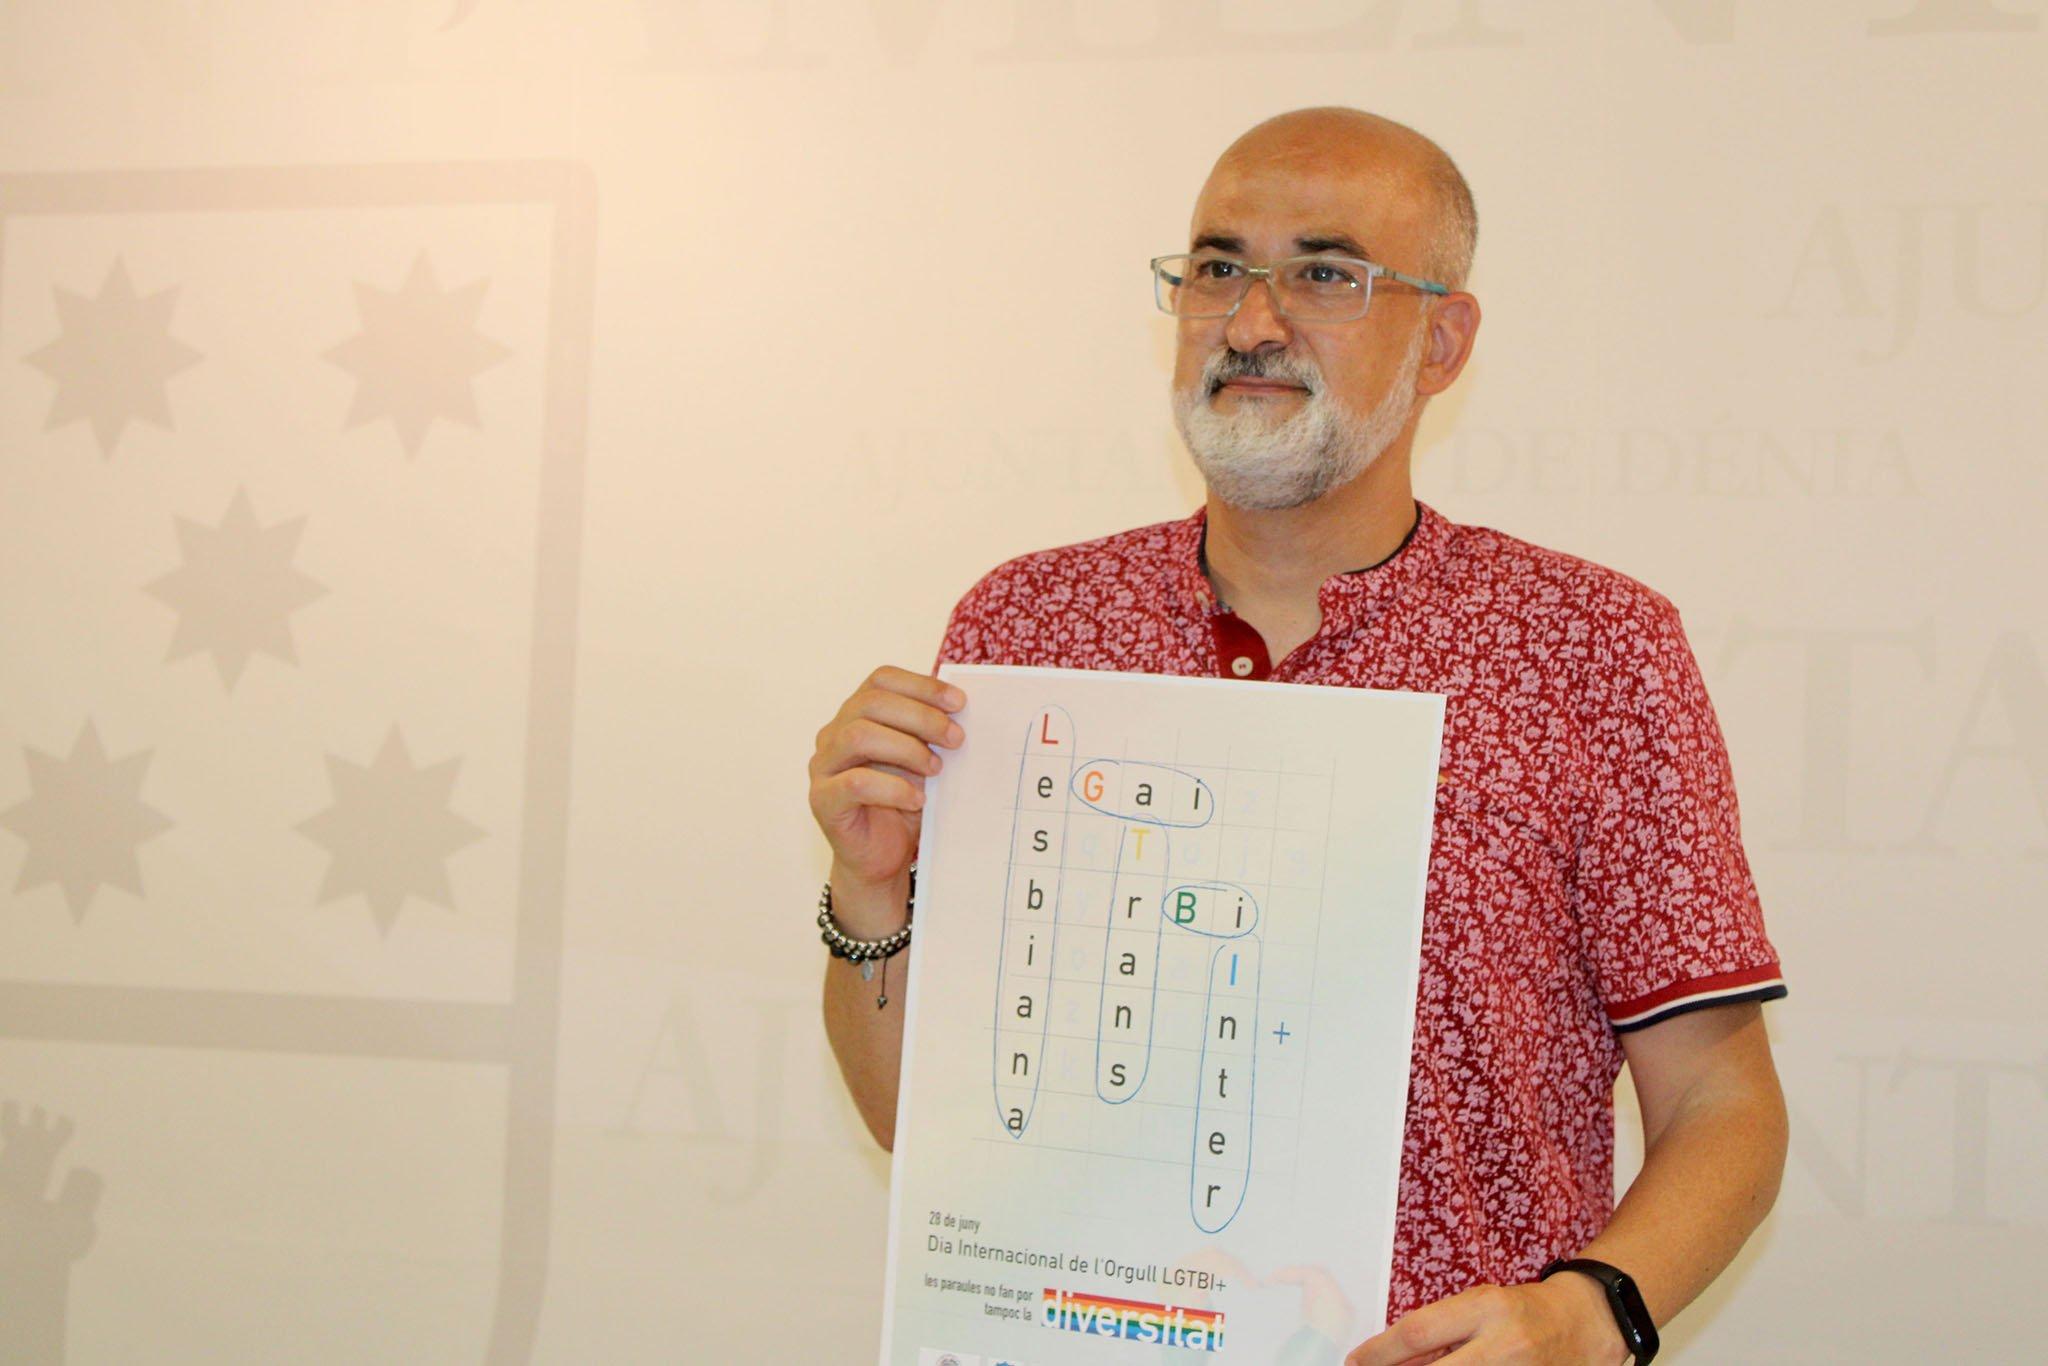 Javier Scotto sosteniendo el cartel del Día Internacional del Orgullo LGTBI+ de Dénia 2021